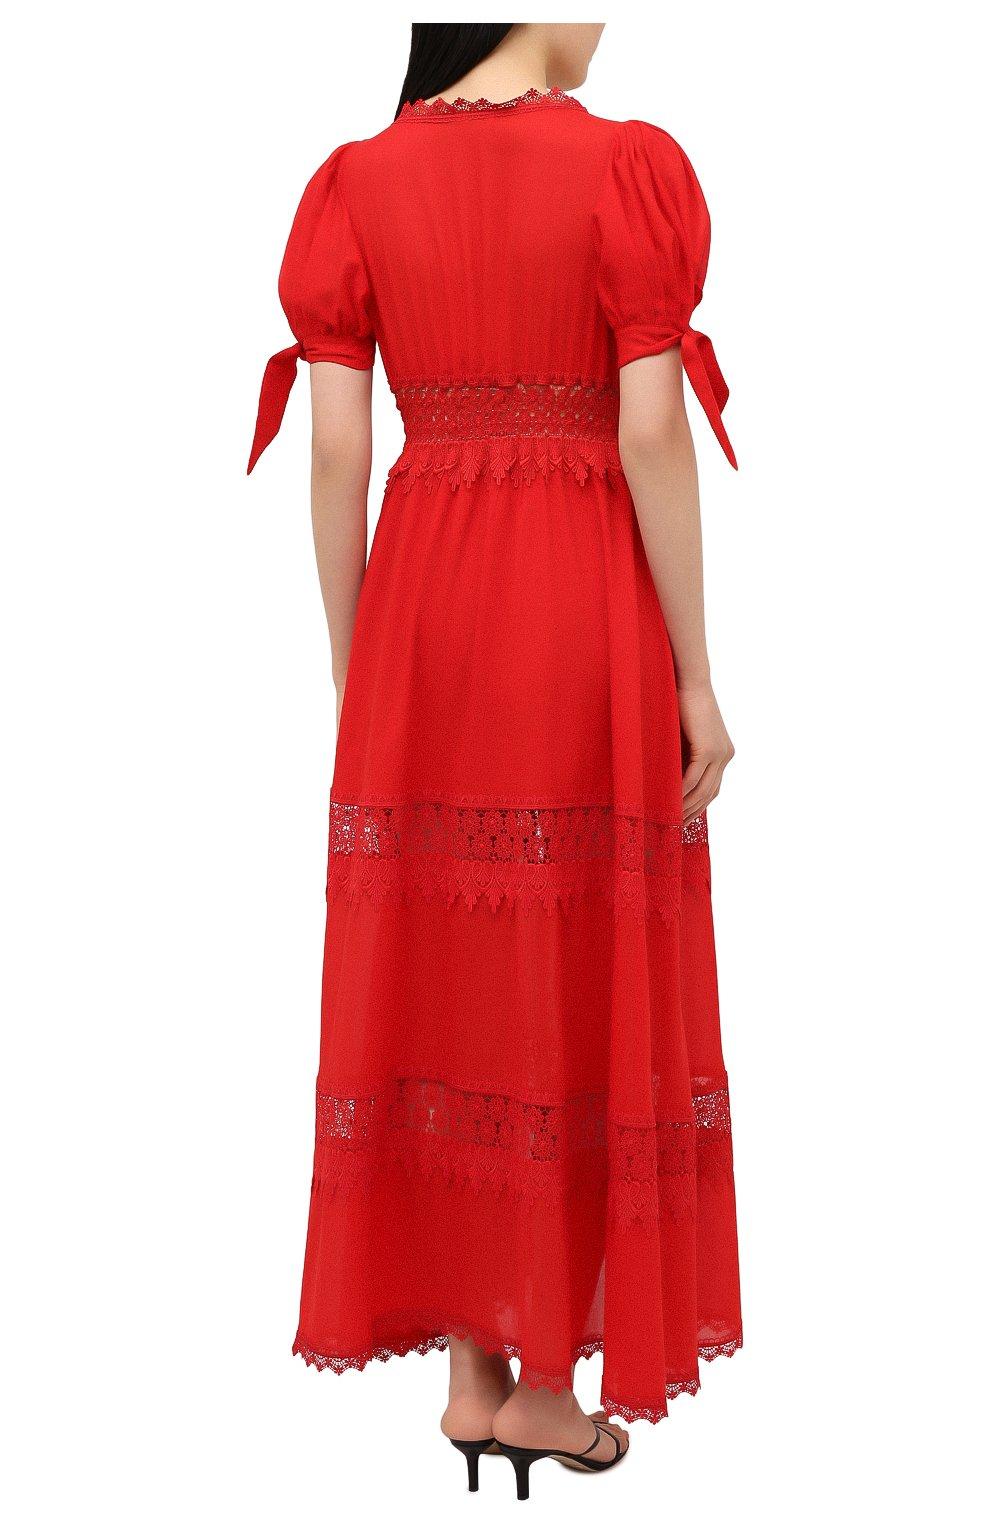 Женское хлопковое платье CHARO RUIZ IBIZA красного цвета, арт. 211625 | Фото 4 (Рукава: Короткие; Случай: Повседневный; Материал внешний: Хлопок; Длина Ж (юбки, платья, шорты): Макси; Стили: Романтичный; Материал подклада: Хлопок; Женское Кросс-КТ: Платье-одежда)